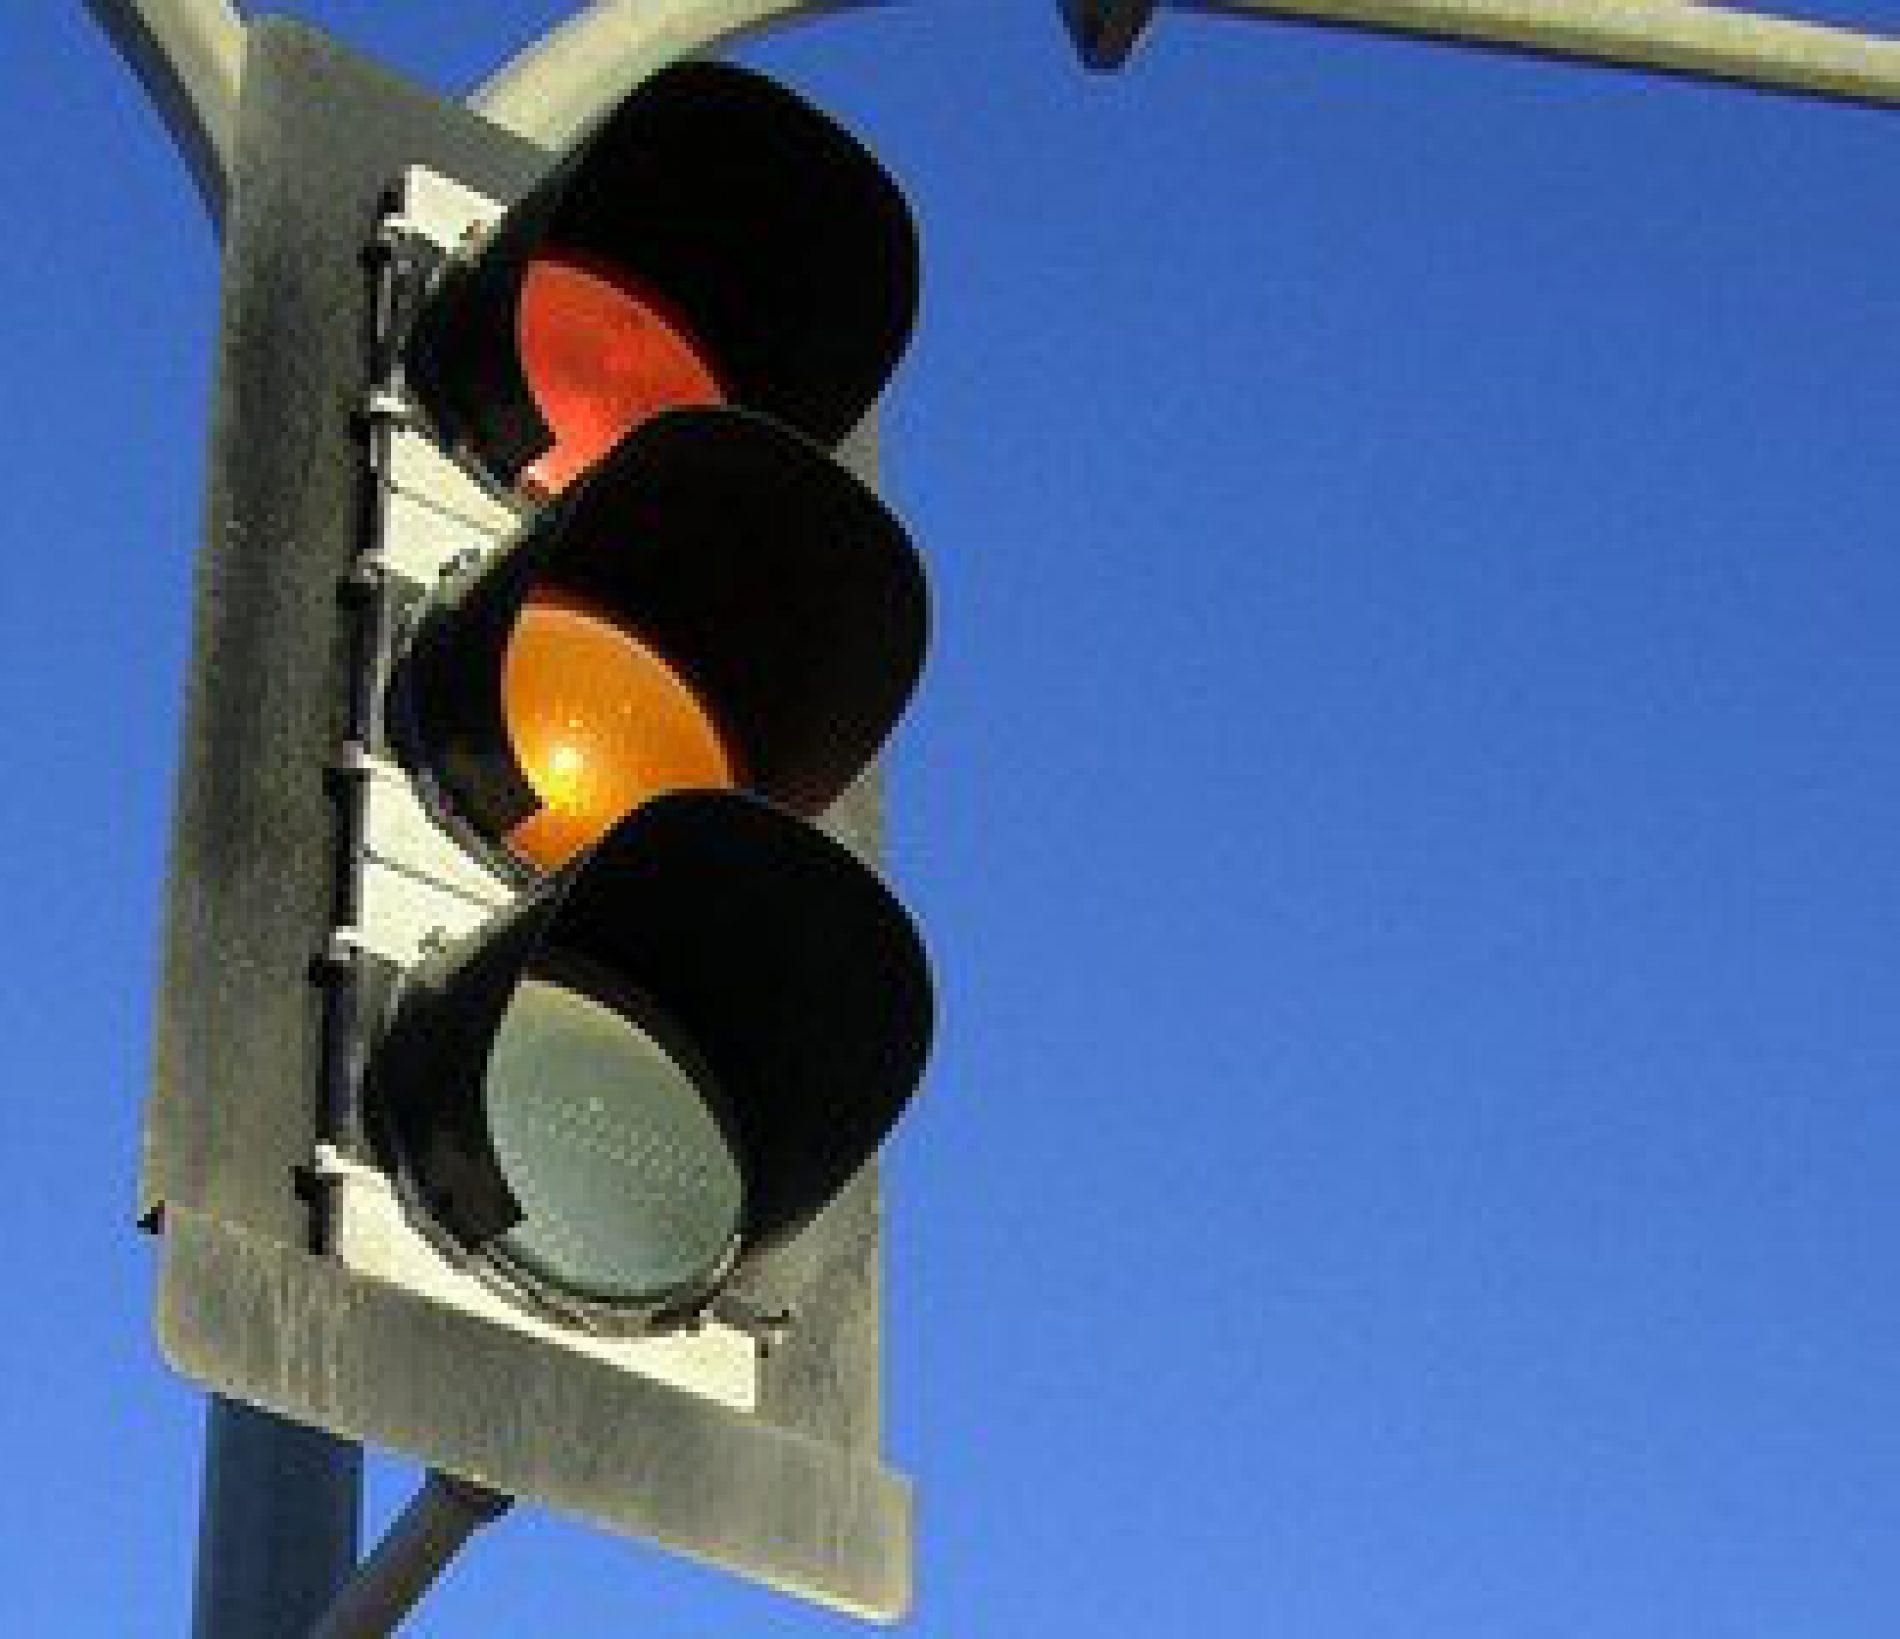 Od 1 października kierowcy nie będą musieli mieć przy sobie dowodu rejestracyjnego oraz umowy OC